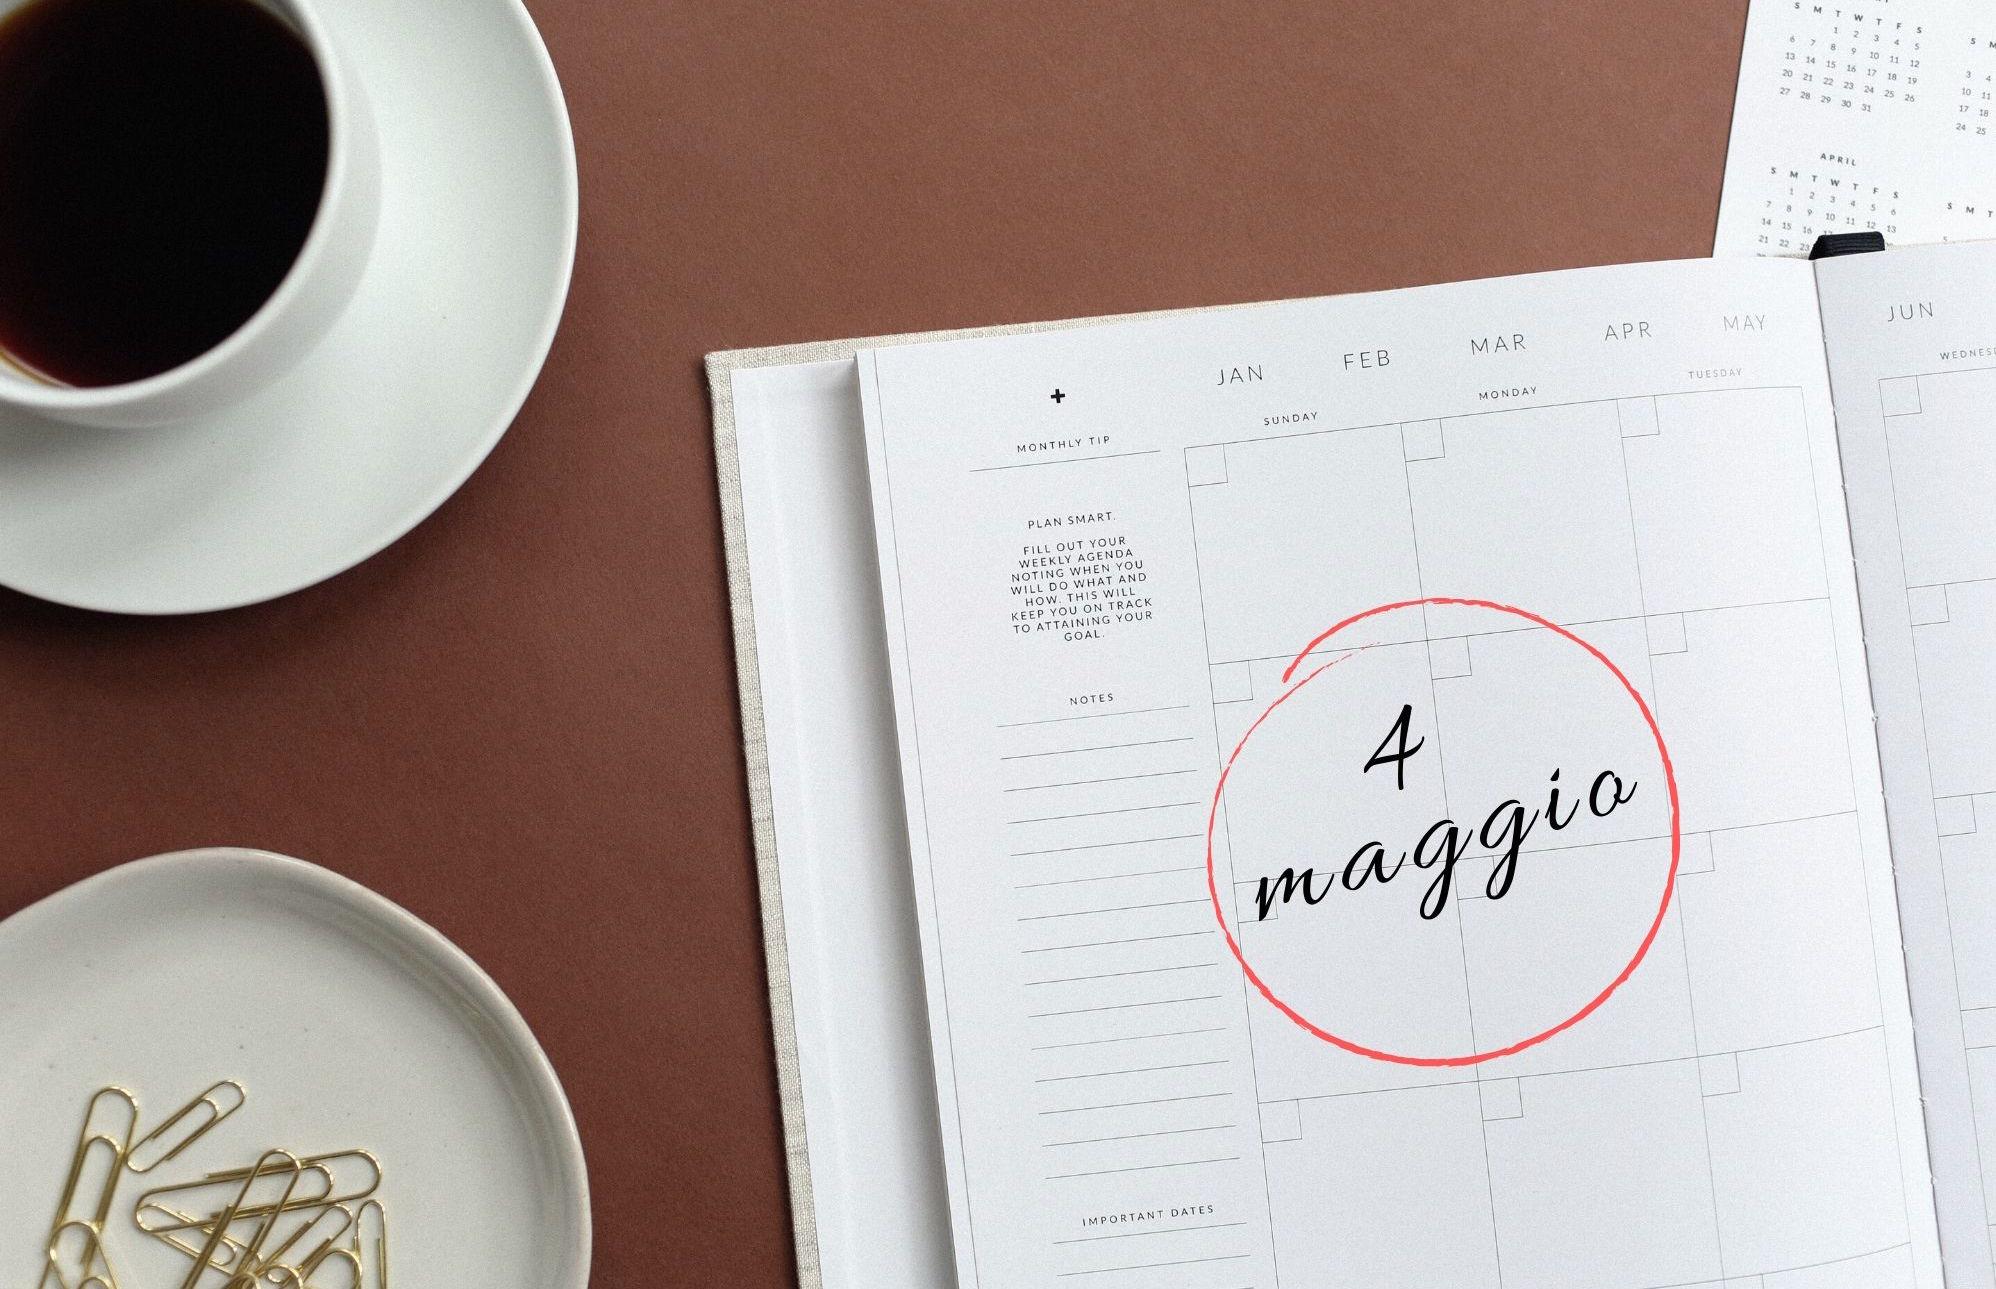 4 MAGGIO 2020 FASE 2 - La Fase 2 arriva, la moda risponde